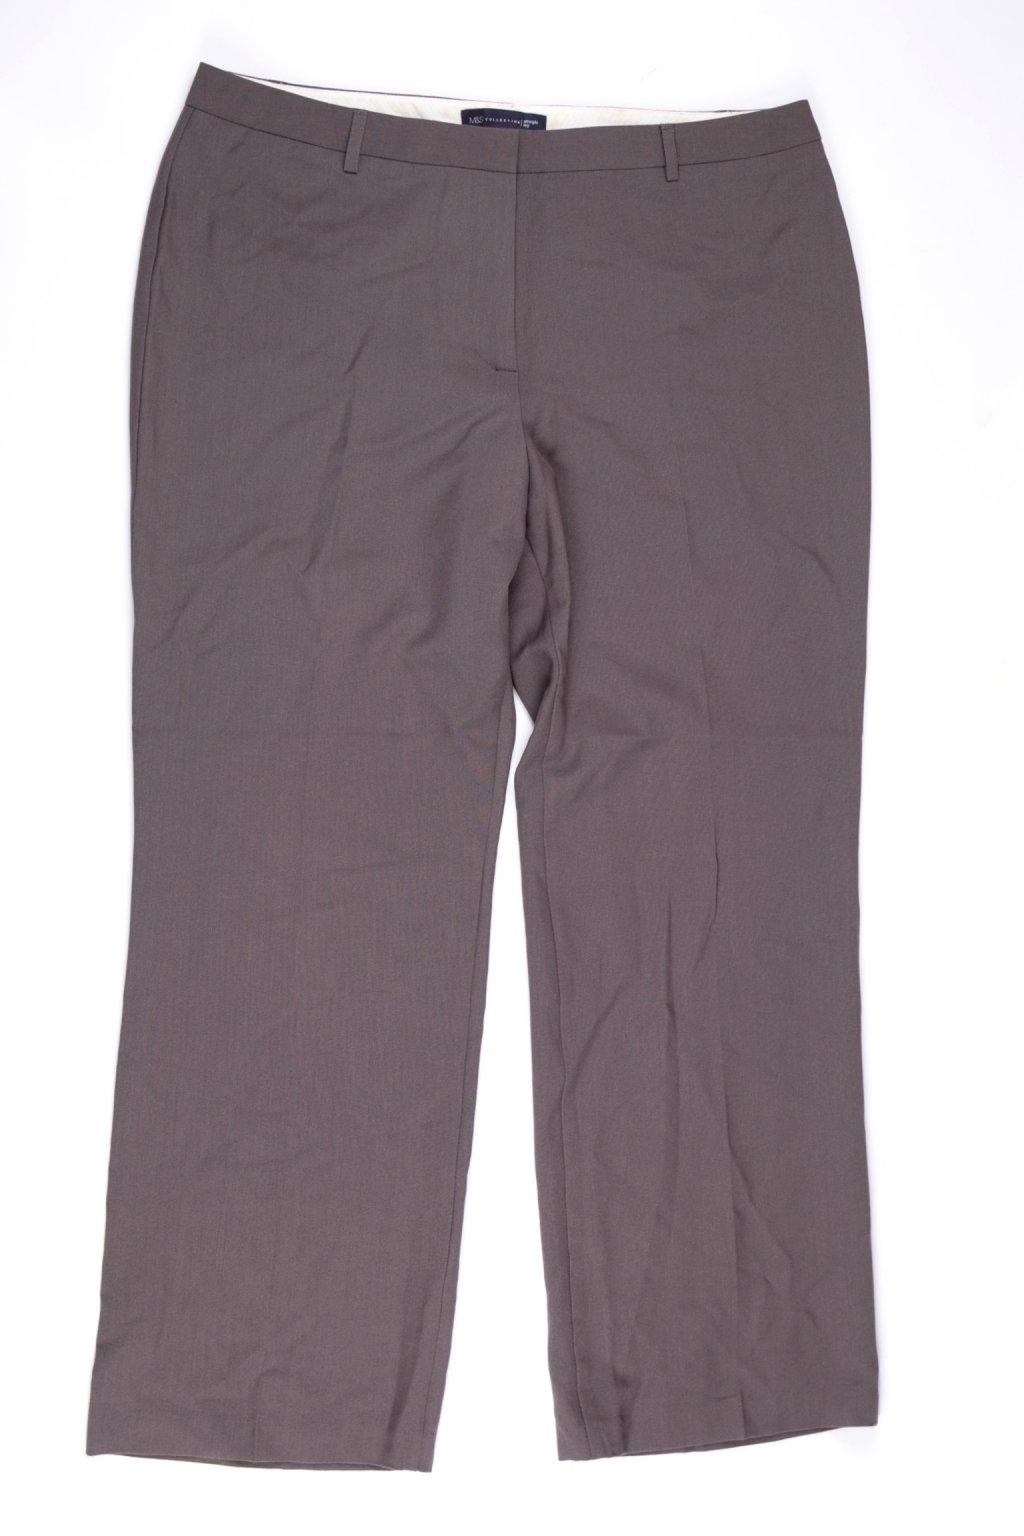 Kalhoty formální M&S vel M/UK14 hnědé